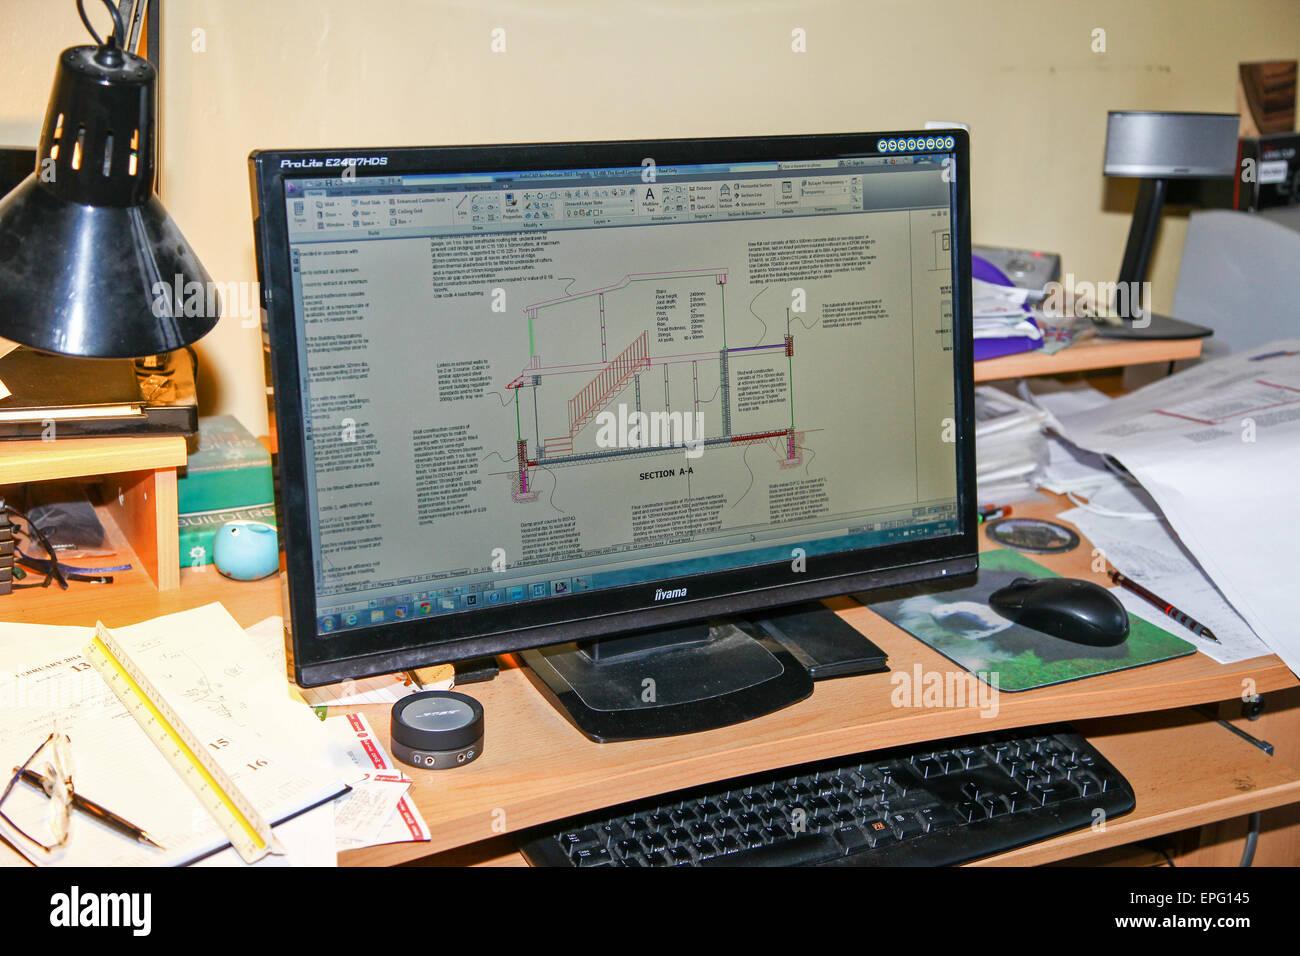 software stockfotos software bilder alamy. Black Bedroom Furniture Sets. Home Design Ideas